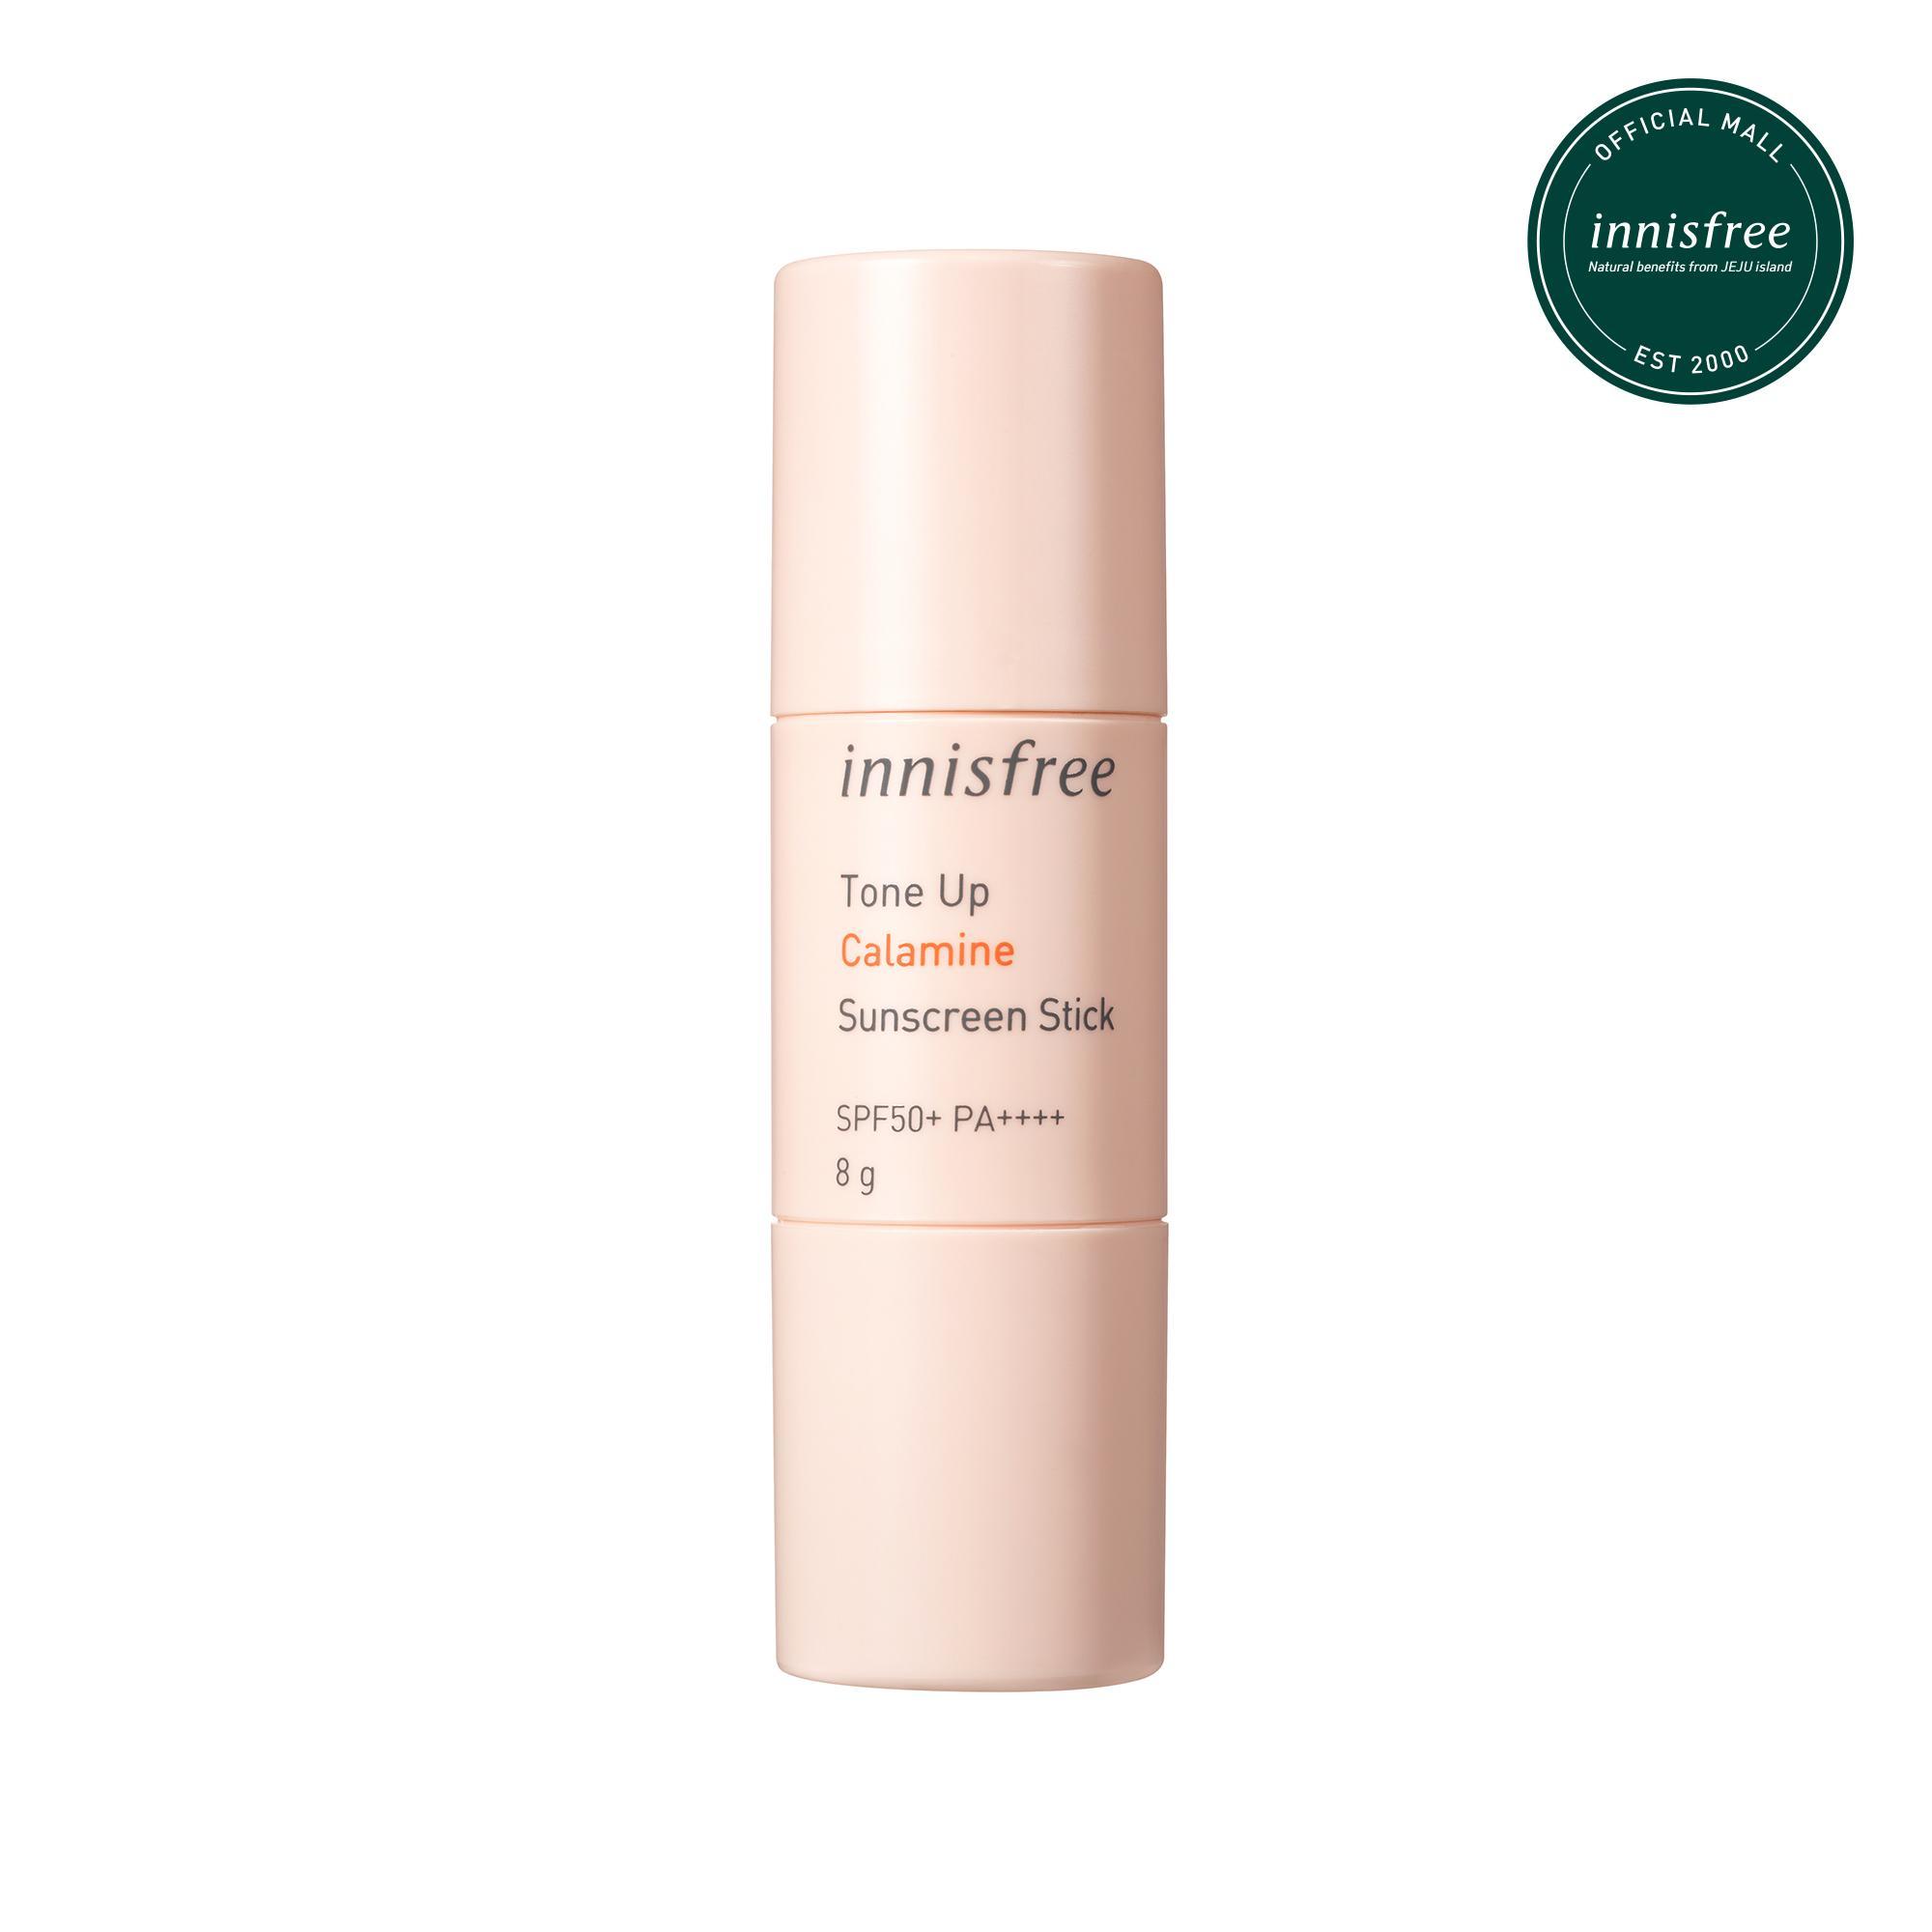 Kem chống nắng làm sáng da dạng thỏi innisfree Tone Up Calamine Sunscreen Stick SPF50+ PA++++ 8g tốt nhất